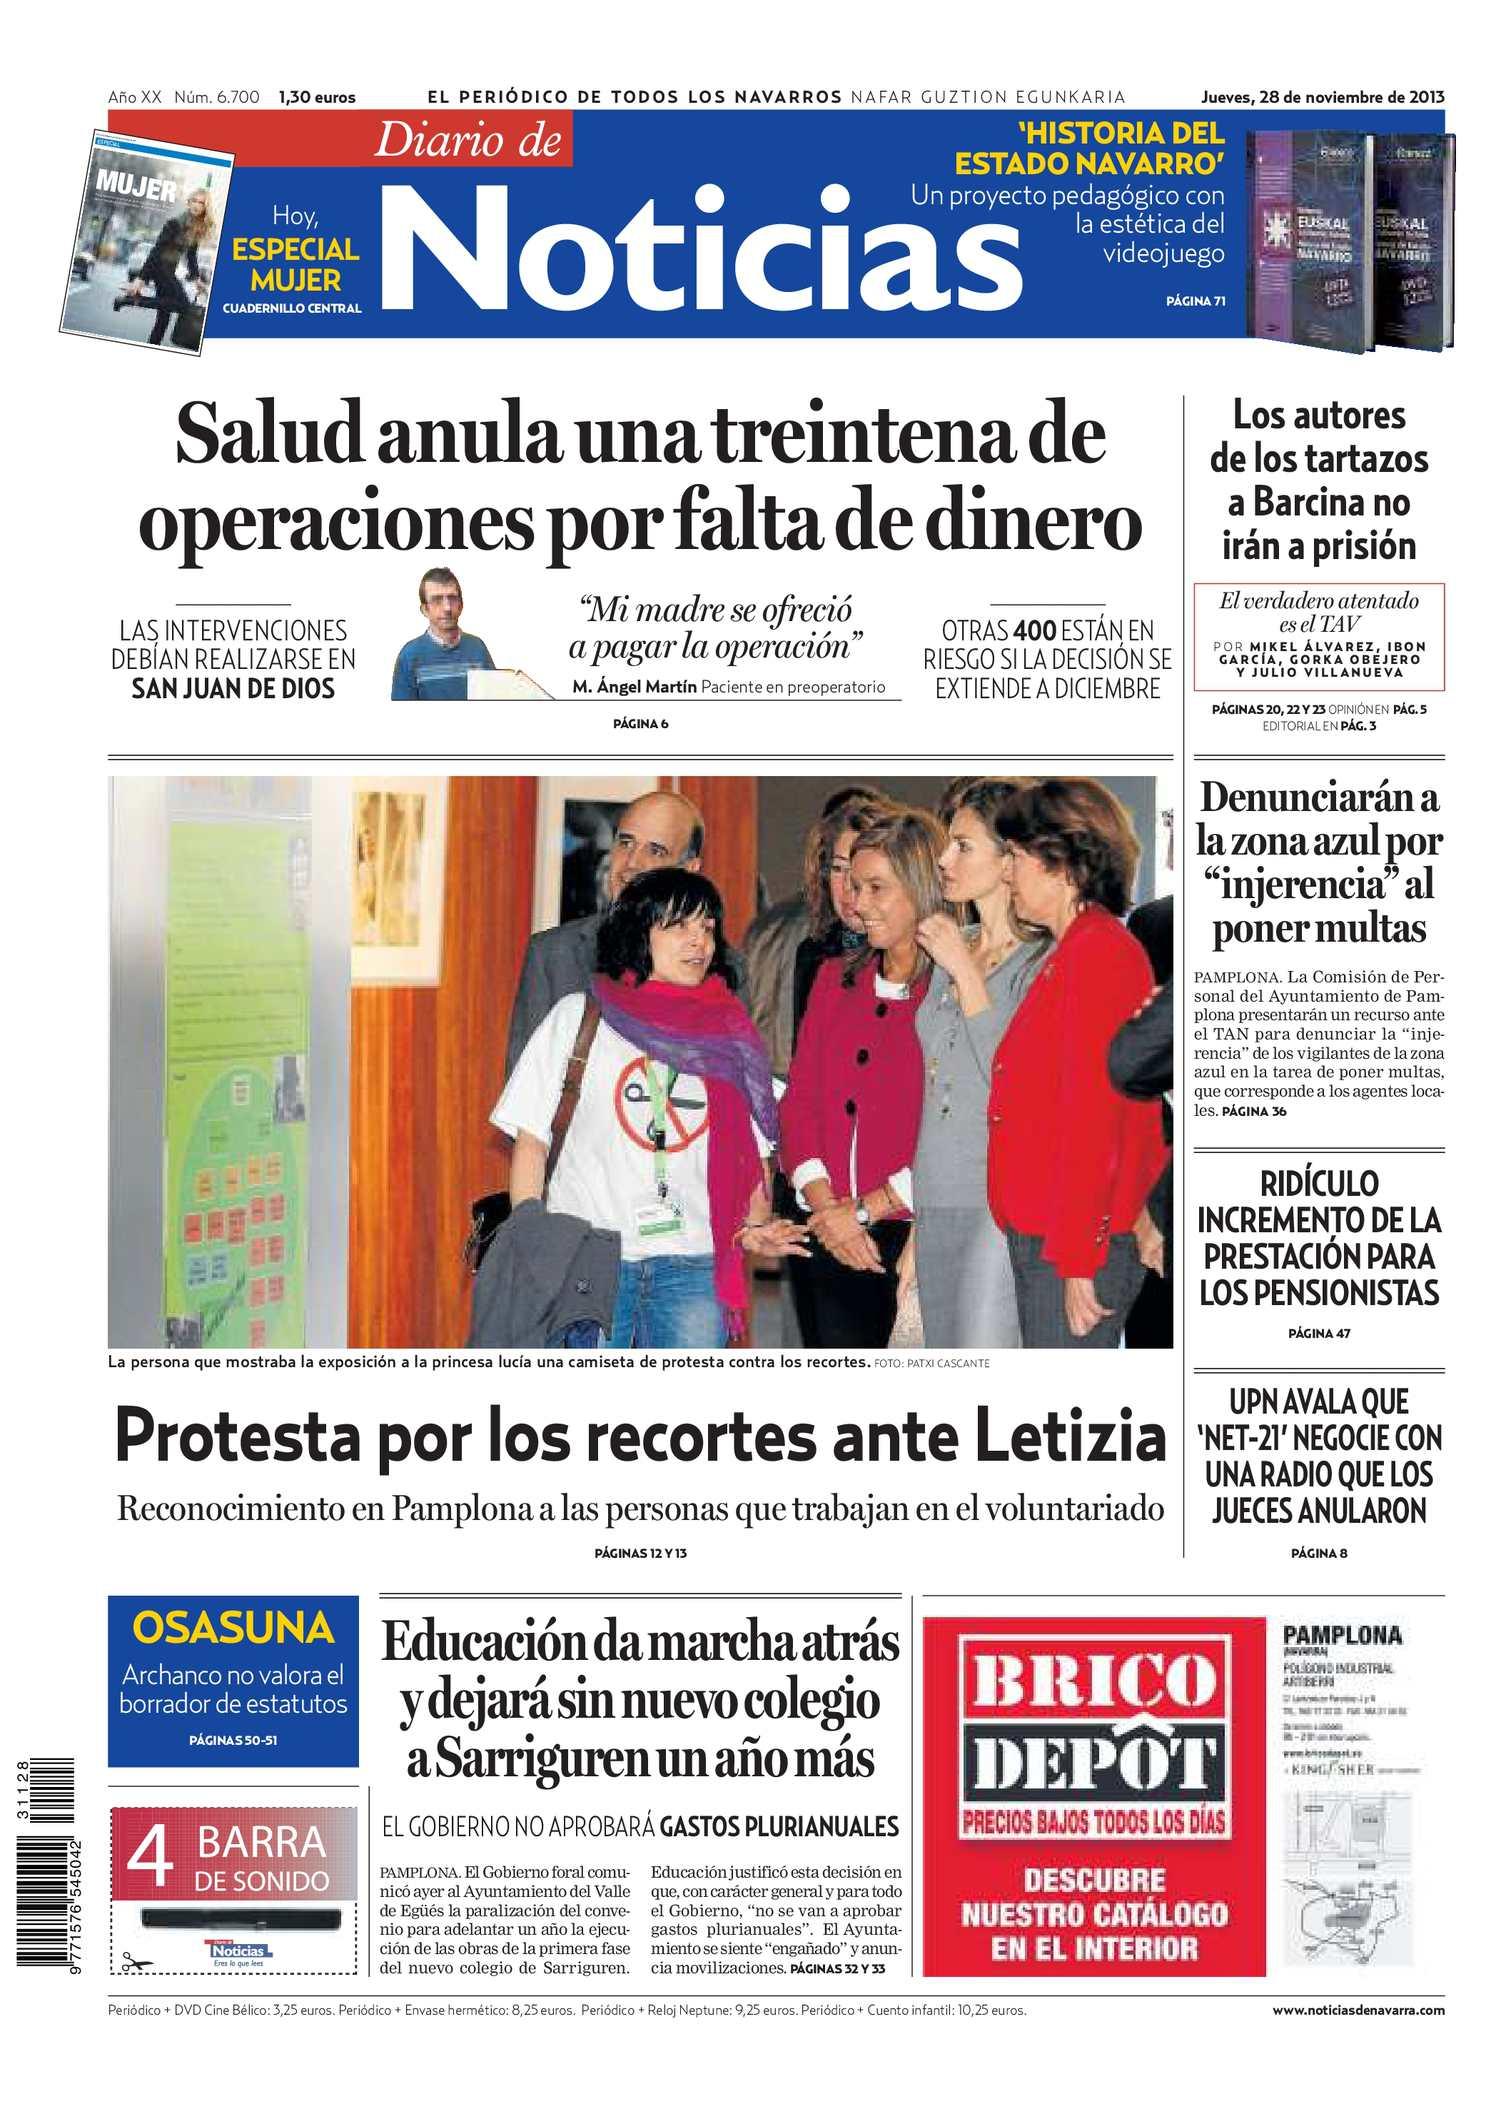 b09d5f365a Calaméo - Diario de Noticias 20131128